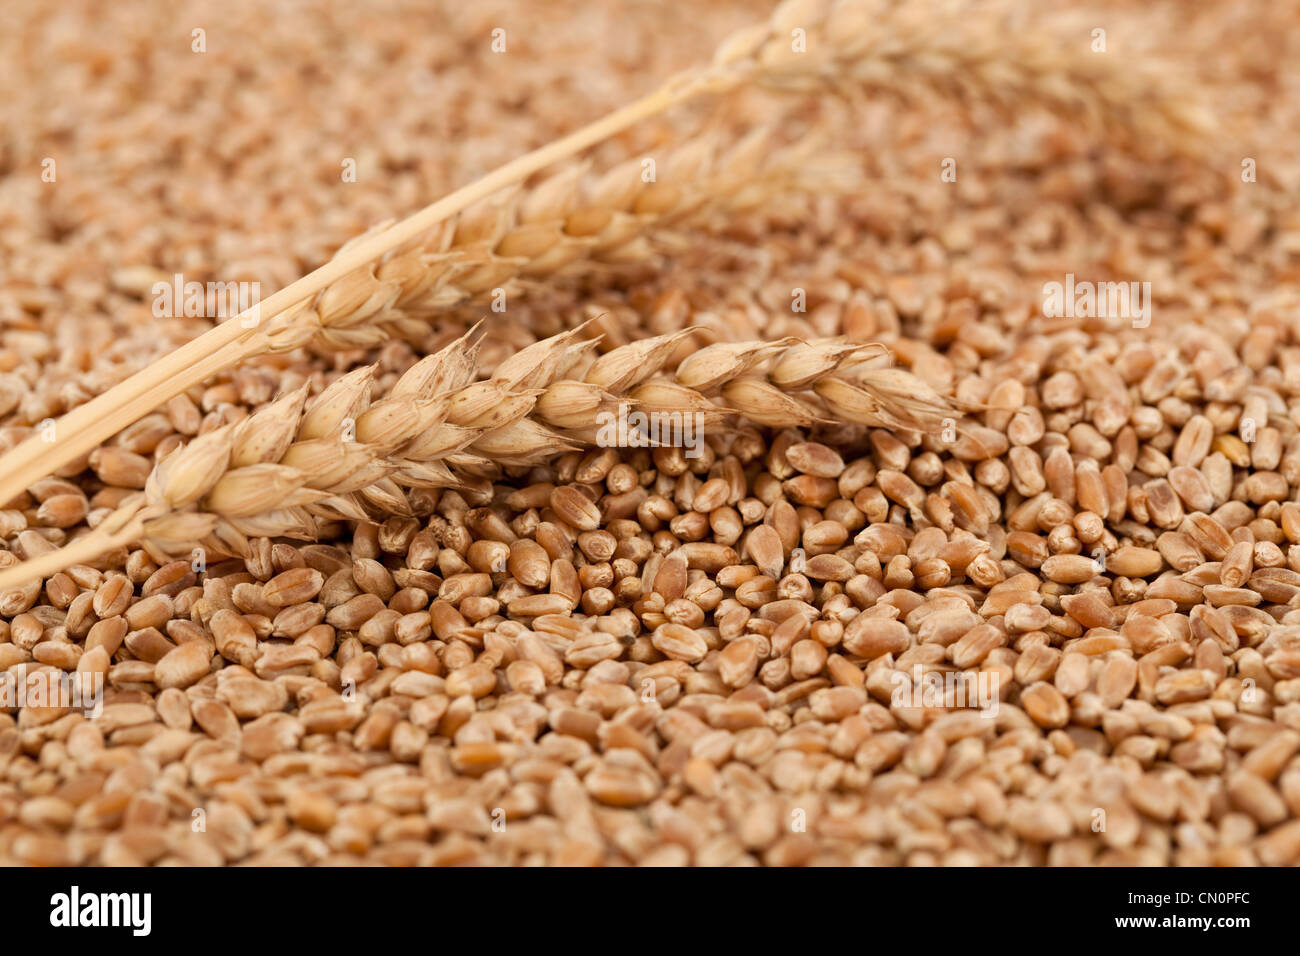 Seco y trigo crudo como fondo Imagen De Stock